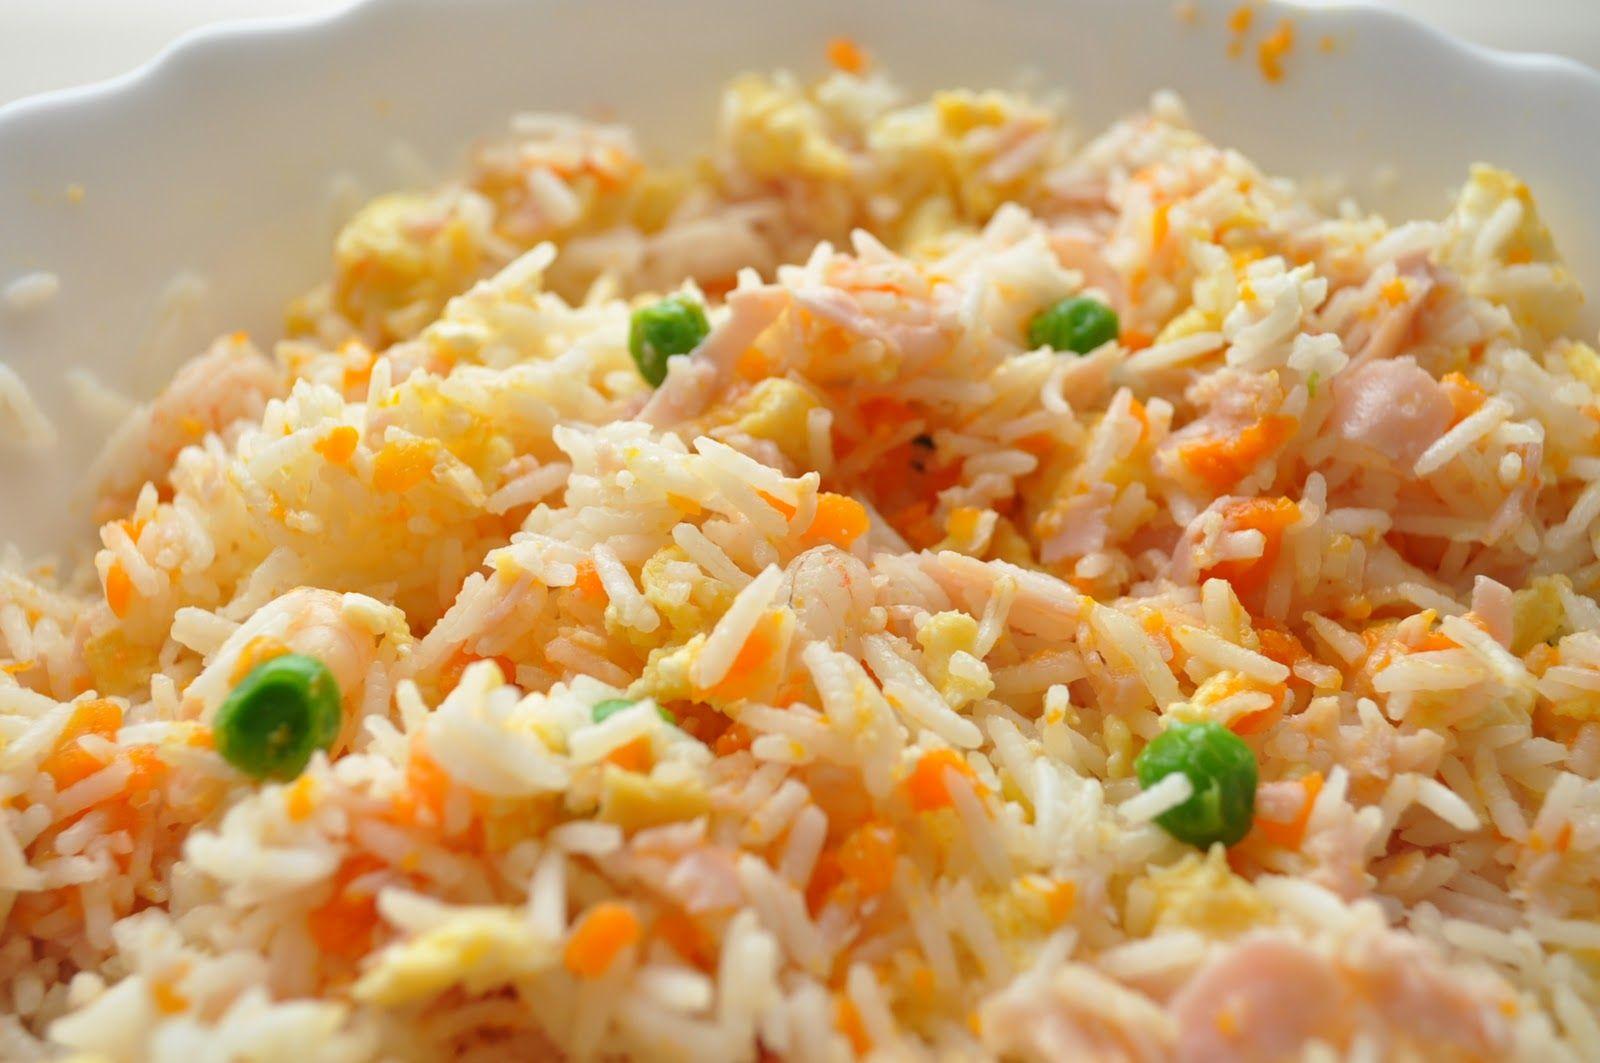 Receta Oriental Para El Arroz 3 Delicias Arroz Chino Arroz Tres Delicias Arroz